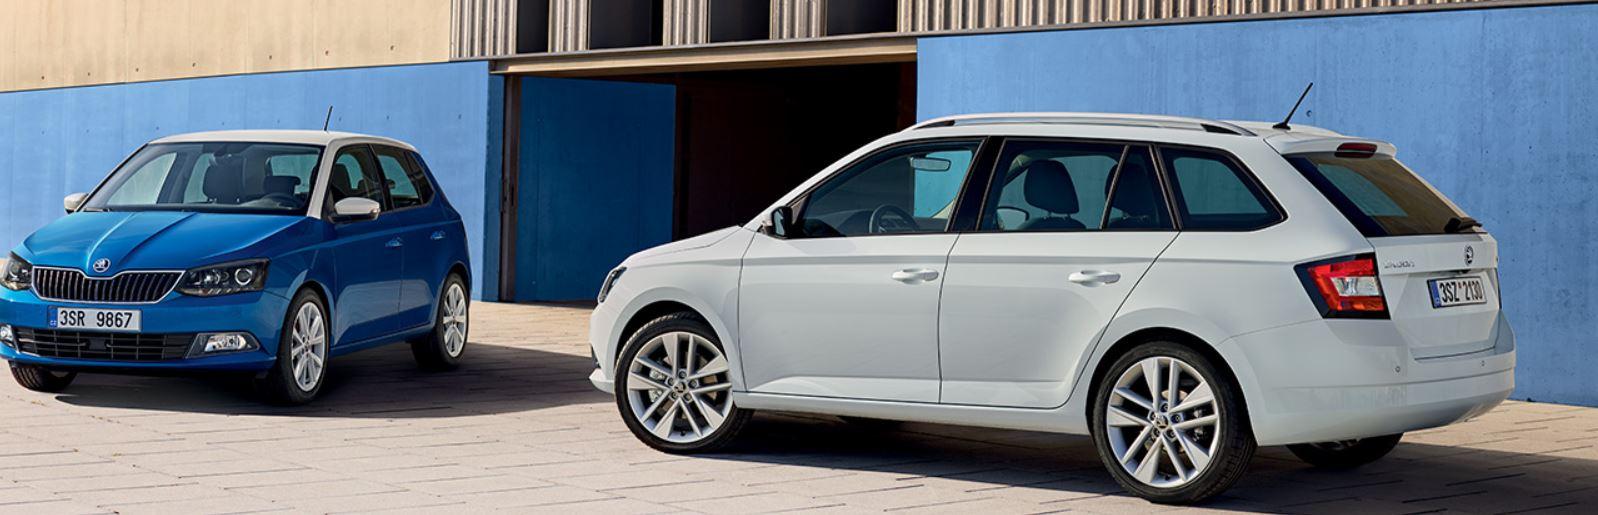 Autorizovaný dealer nových vozů ŠKODA, Renault a Dacia, dále prodej ojetých vozů ŠKODA Plus